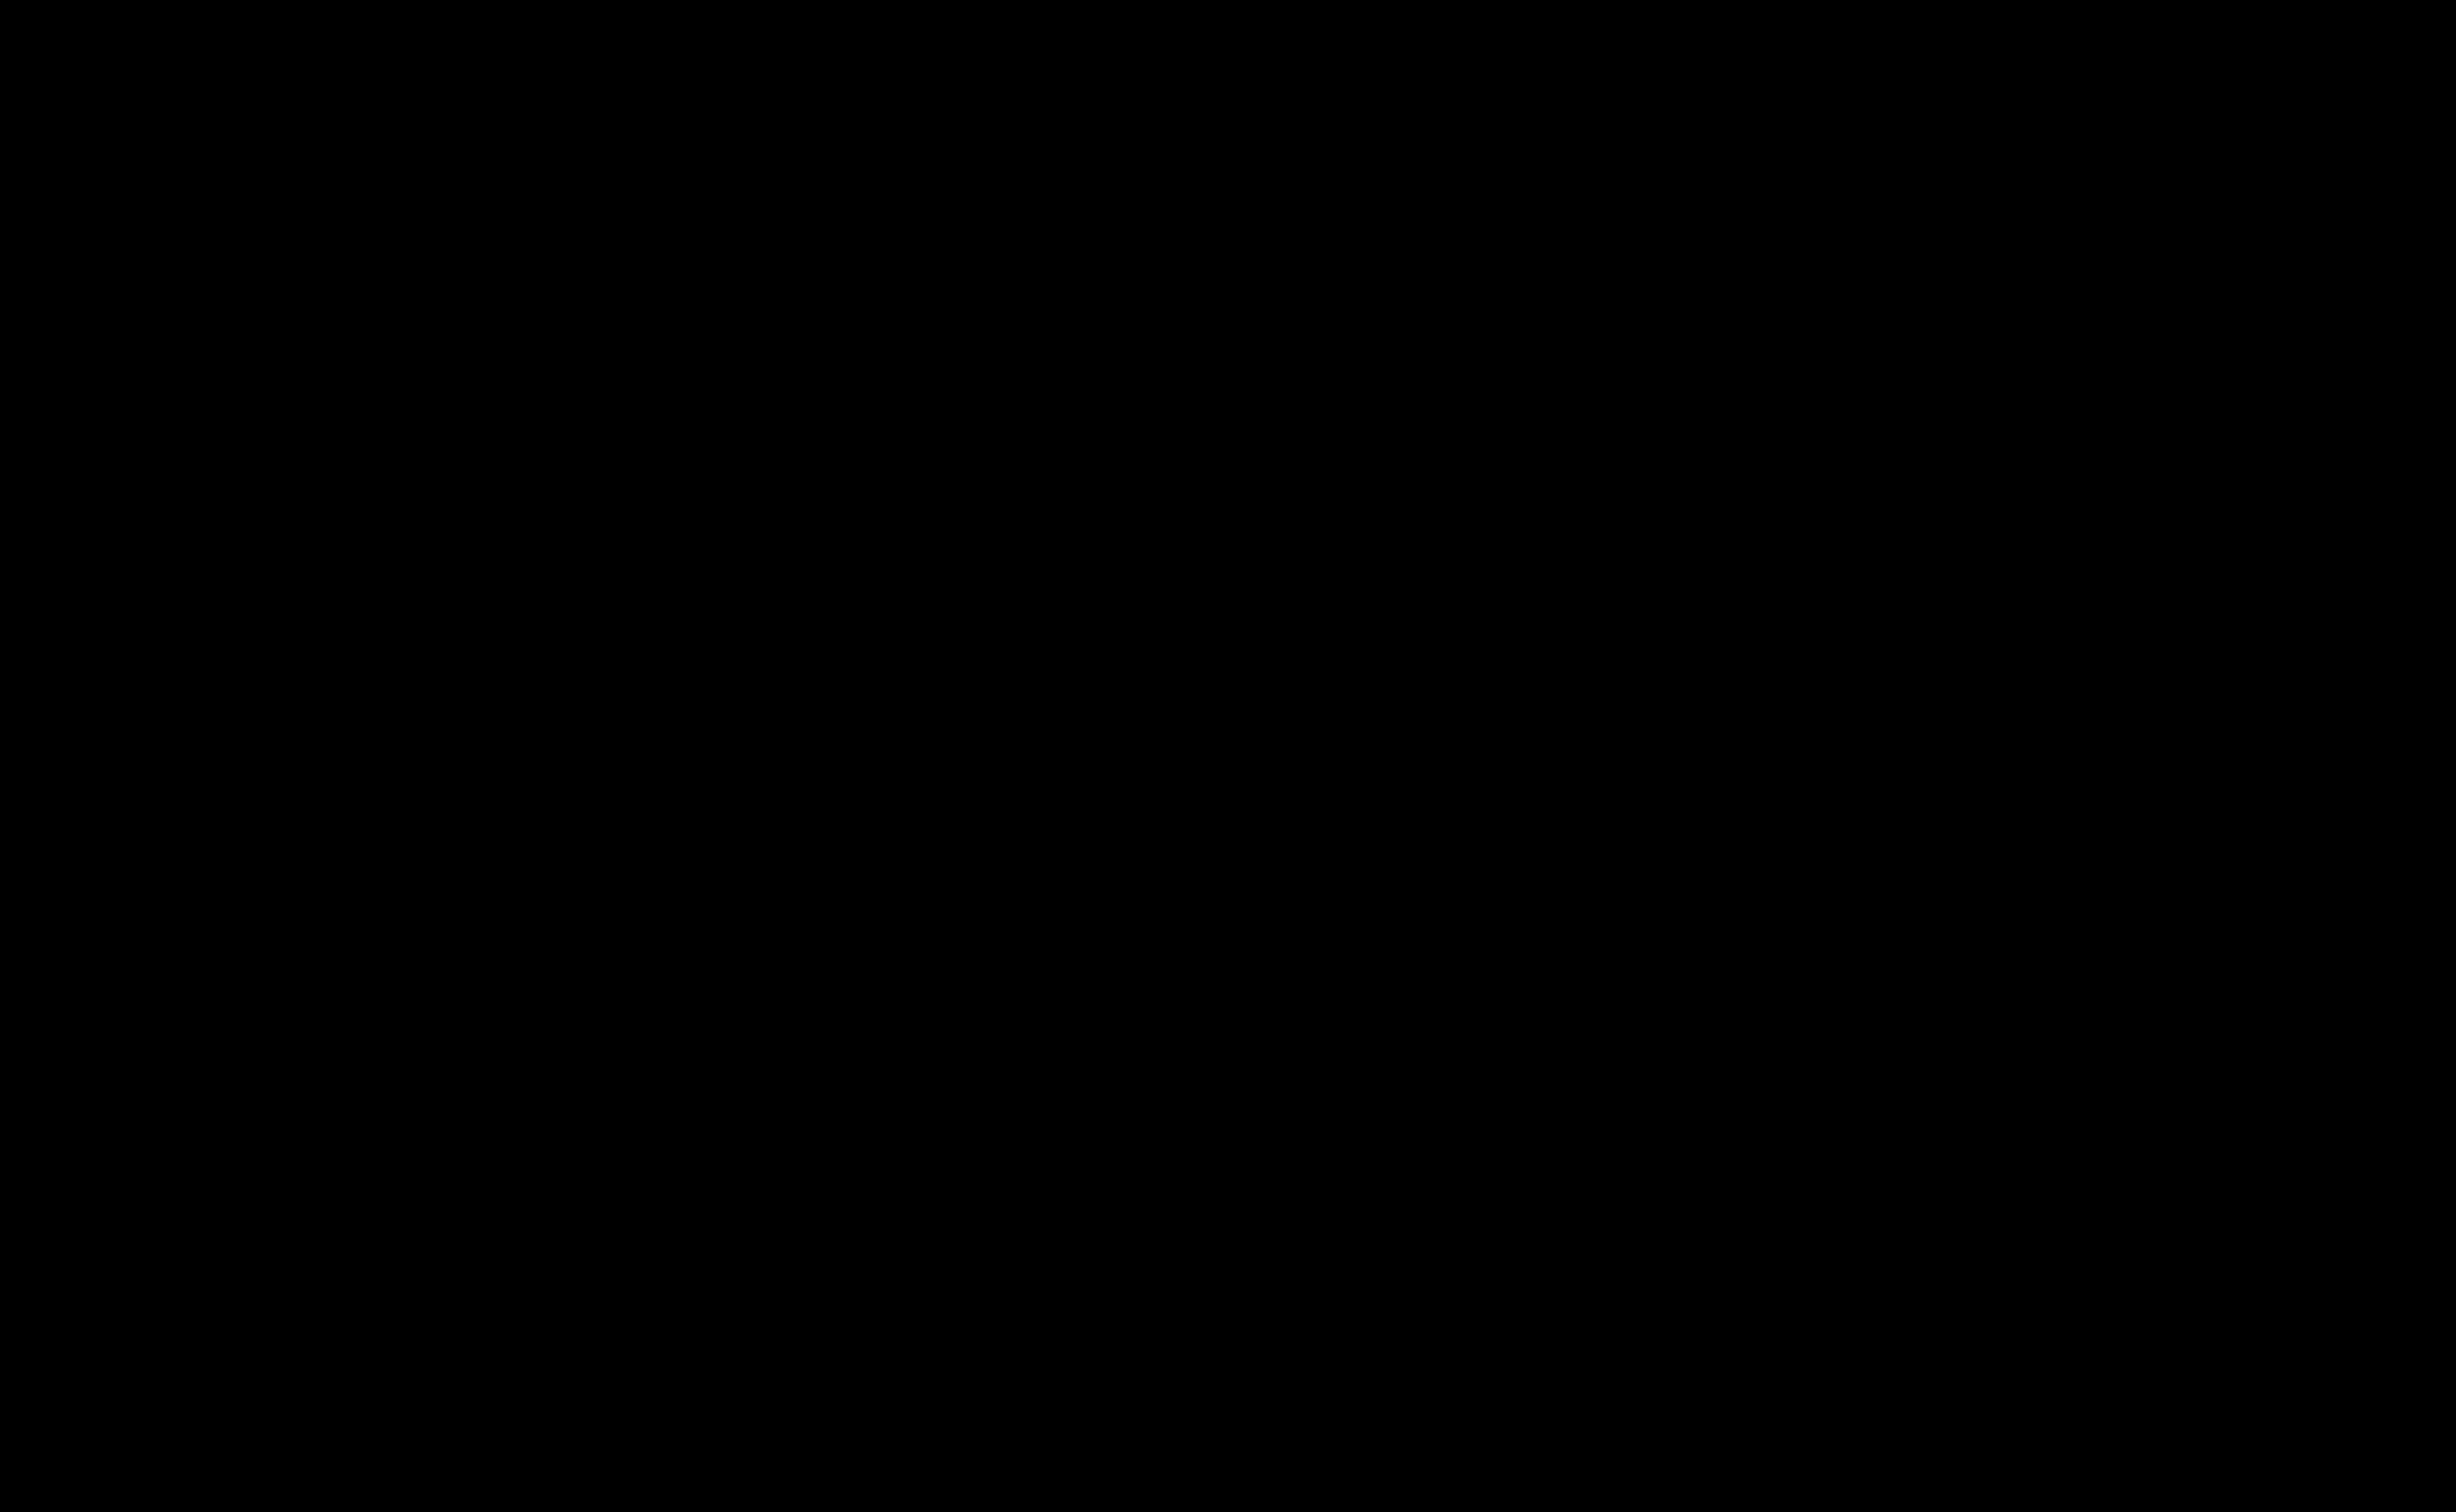 Annunciazione del doge Grimani, TIntoretto, 1555-1556